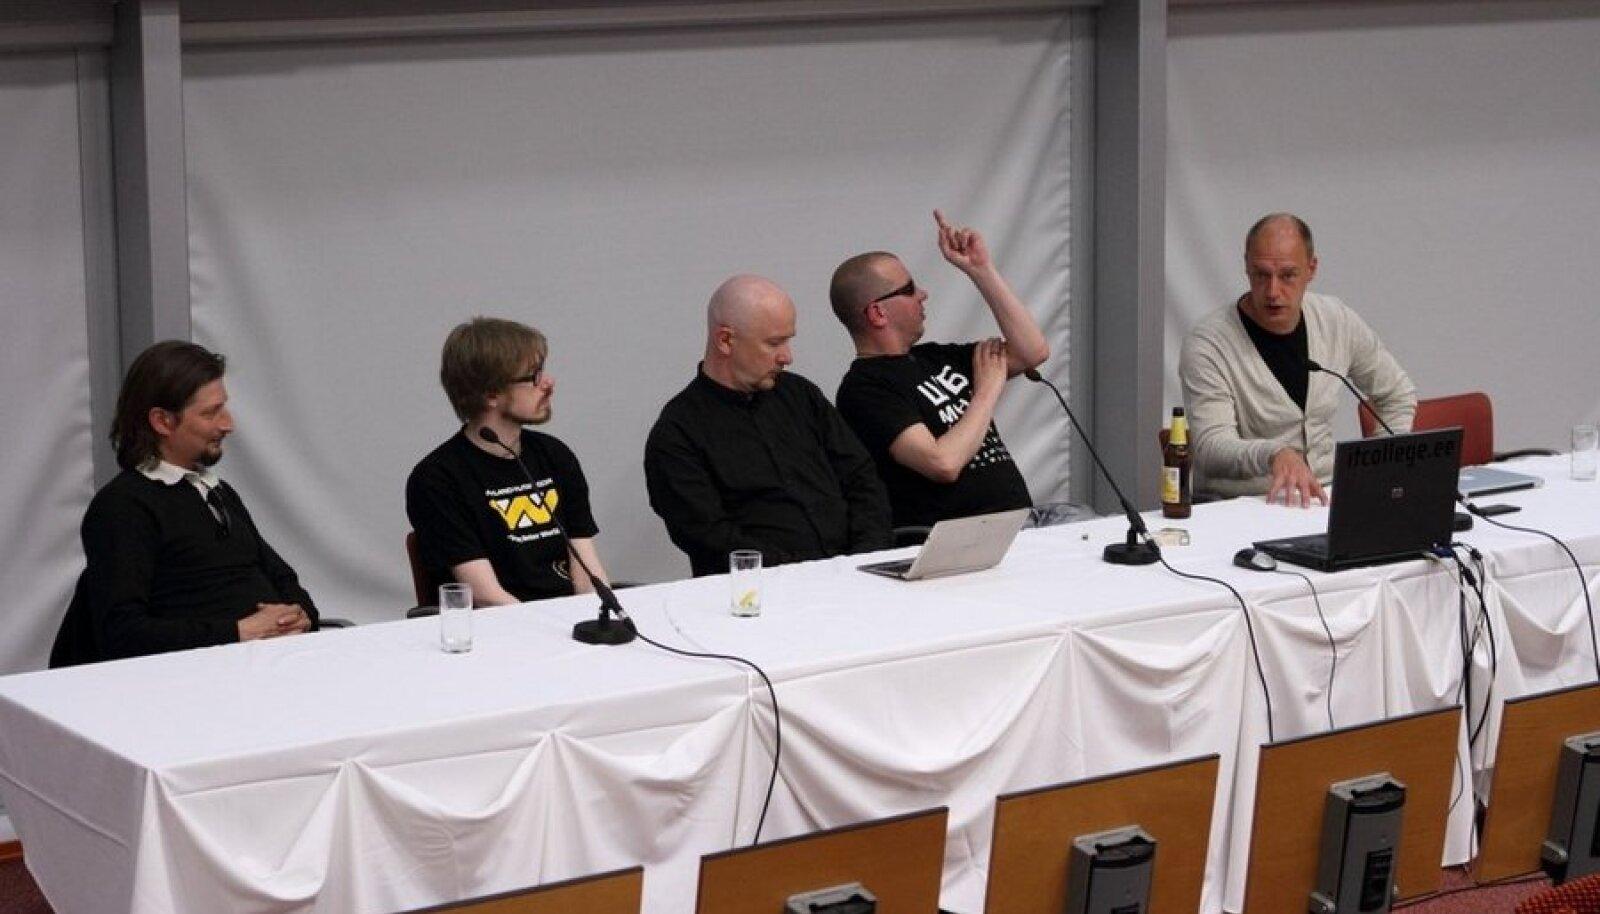 foto: MTÜ Eesti Interneti Kogukond